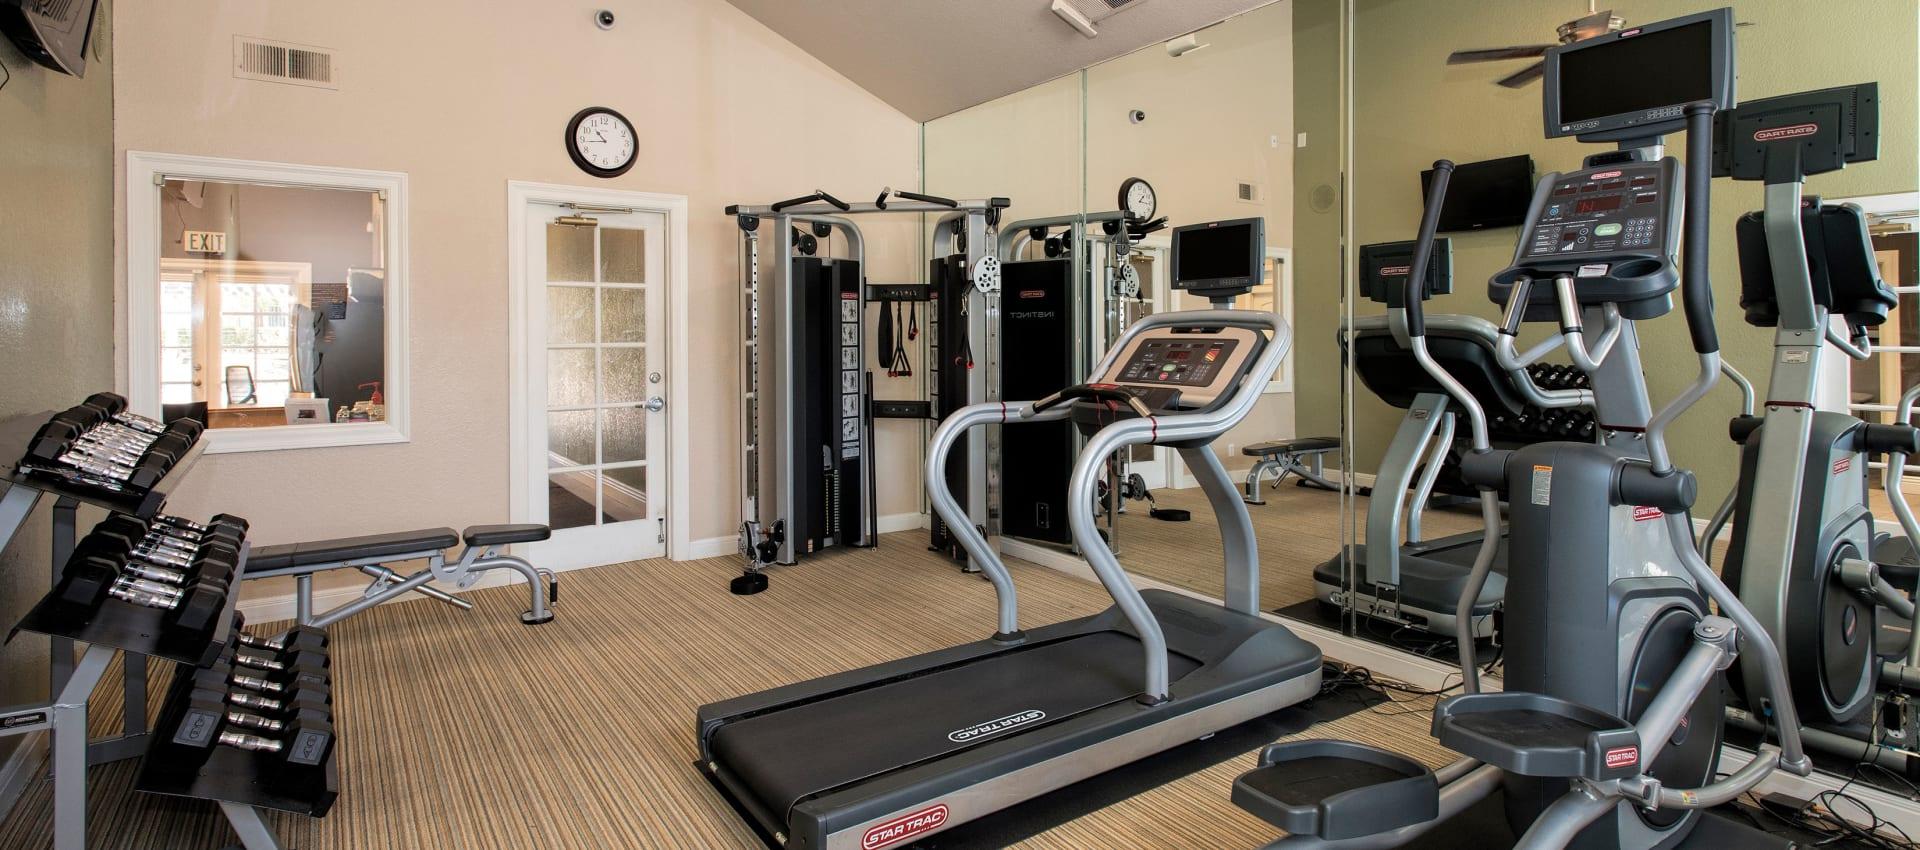 Fitness center at Hidden Hills Condominium Rentals in Laguna Niguel, California